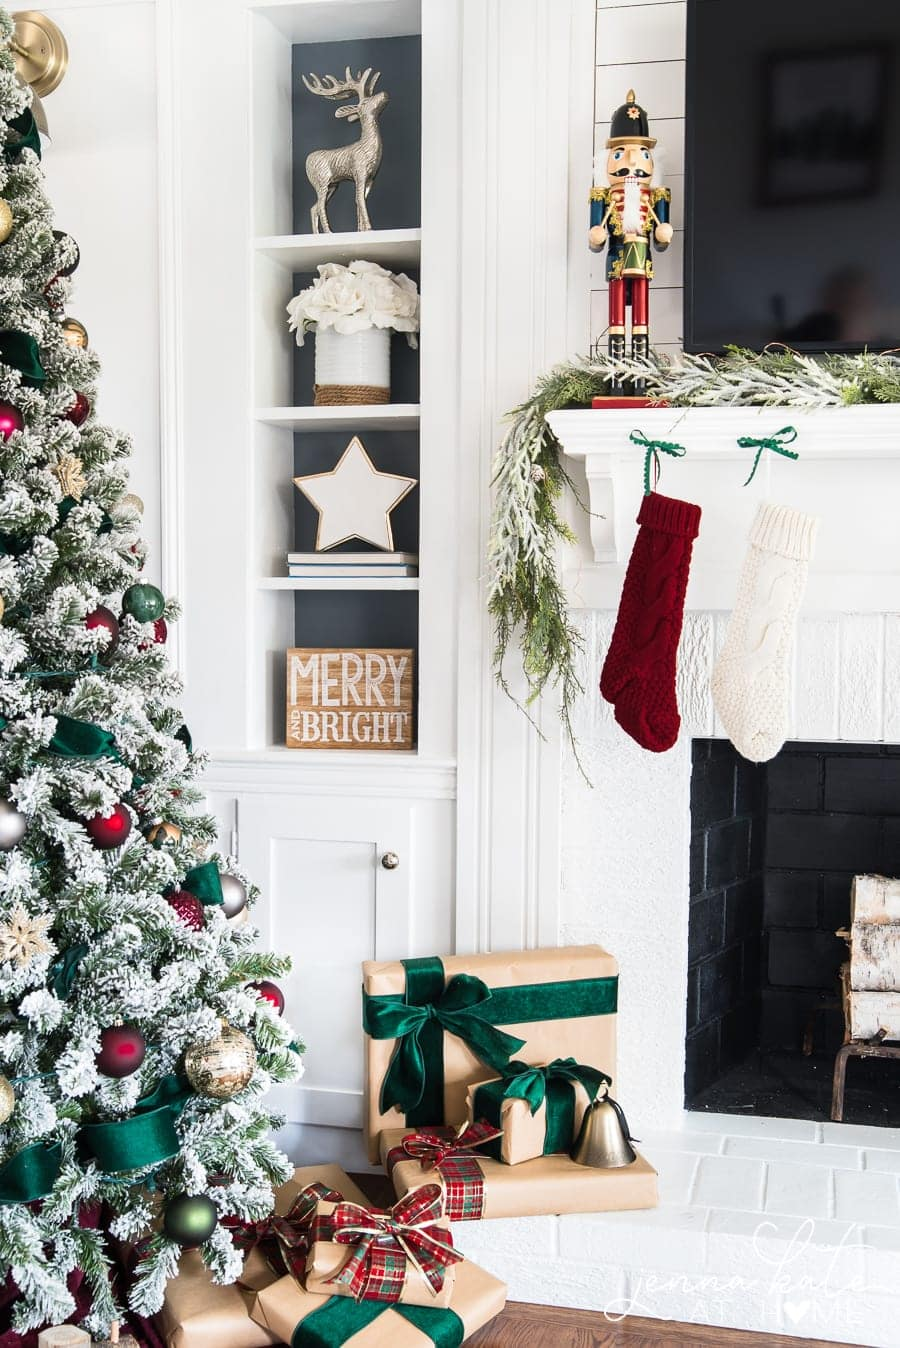 Green and Burgundy Christmas Decor